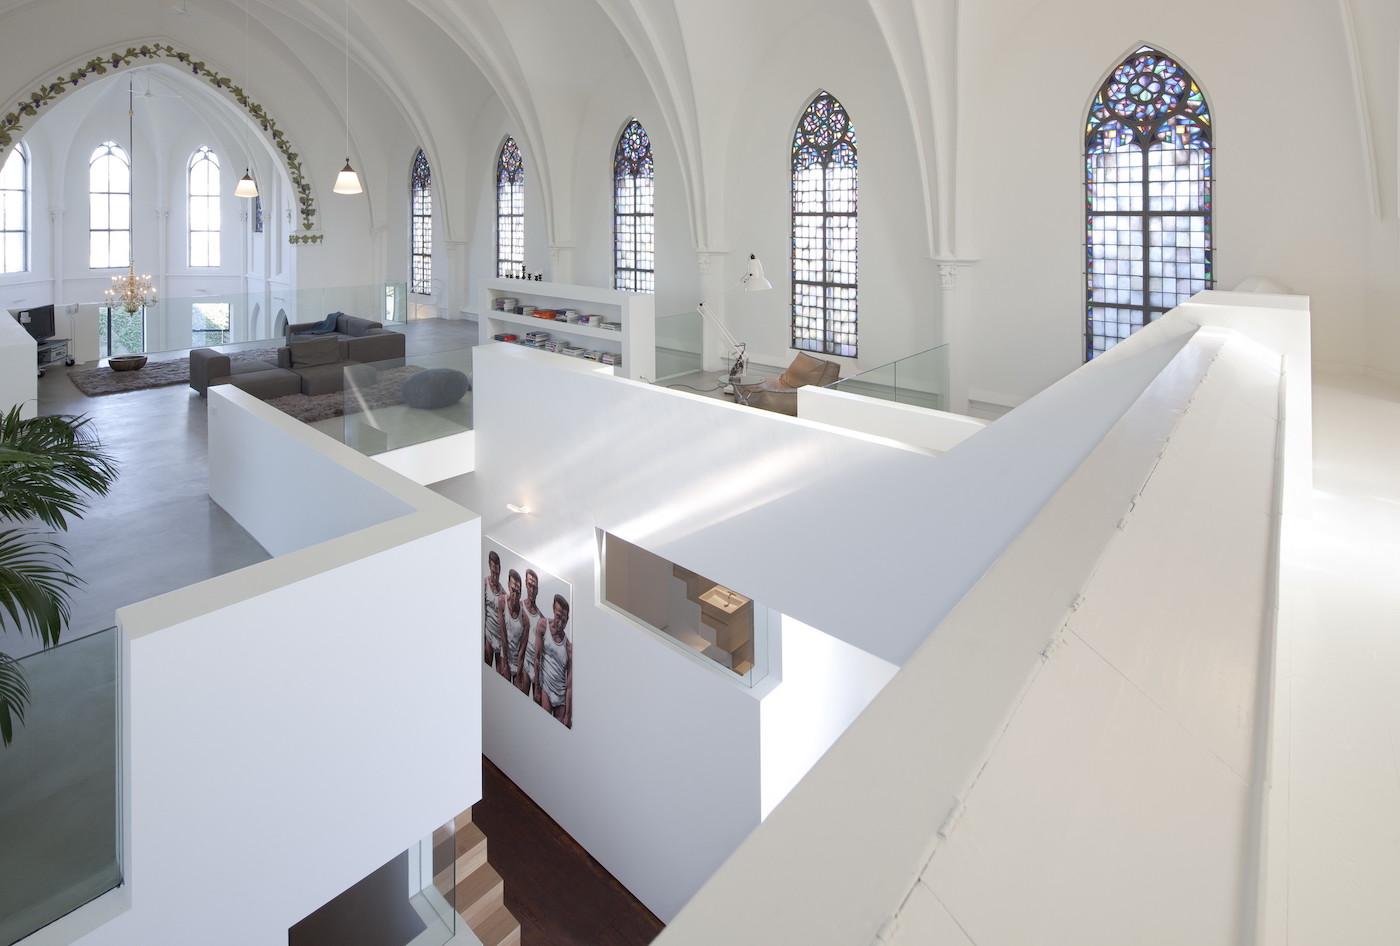 Diese Kirche in den Niederlanden wurde in ein Luxusanwesen umgewandelt 2